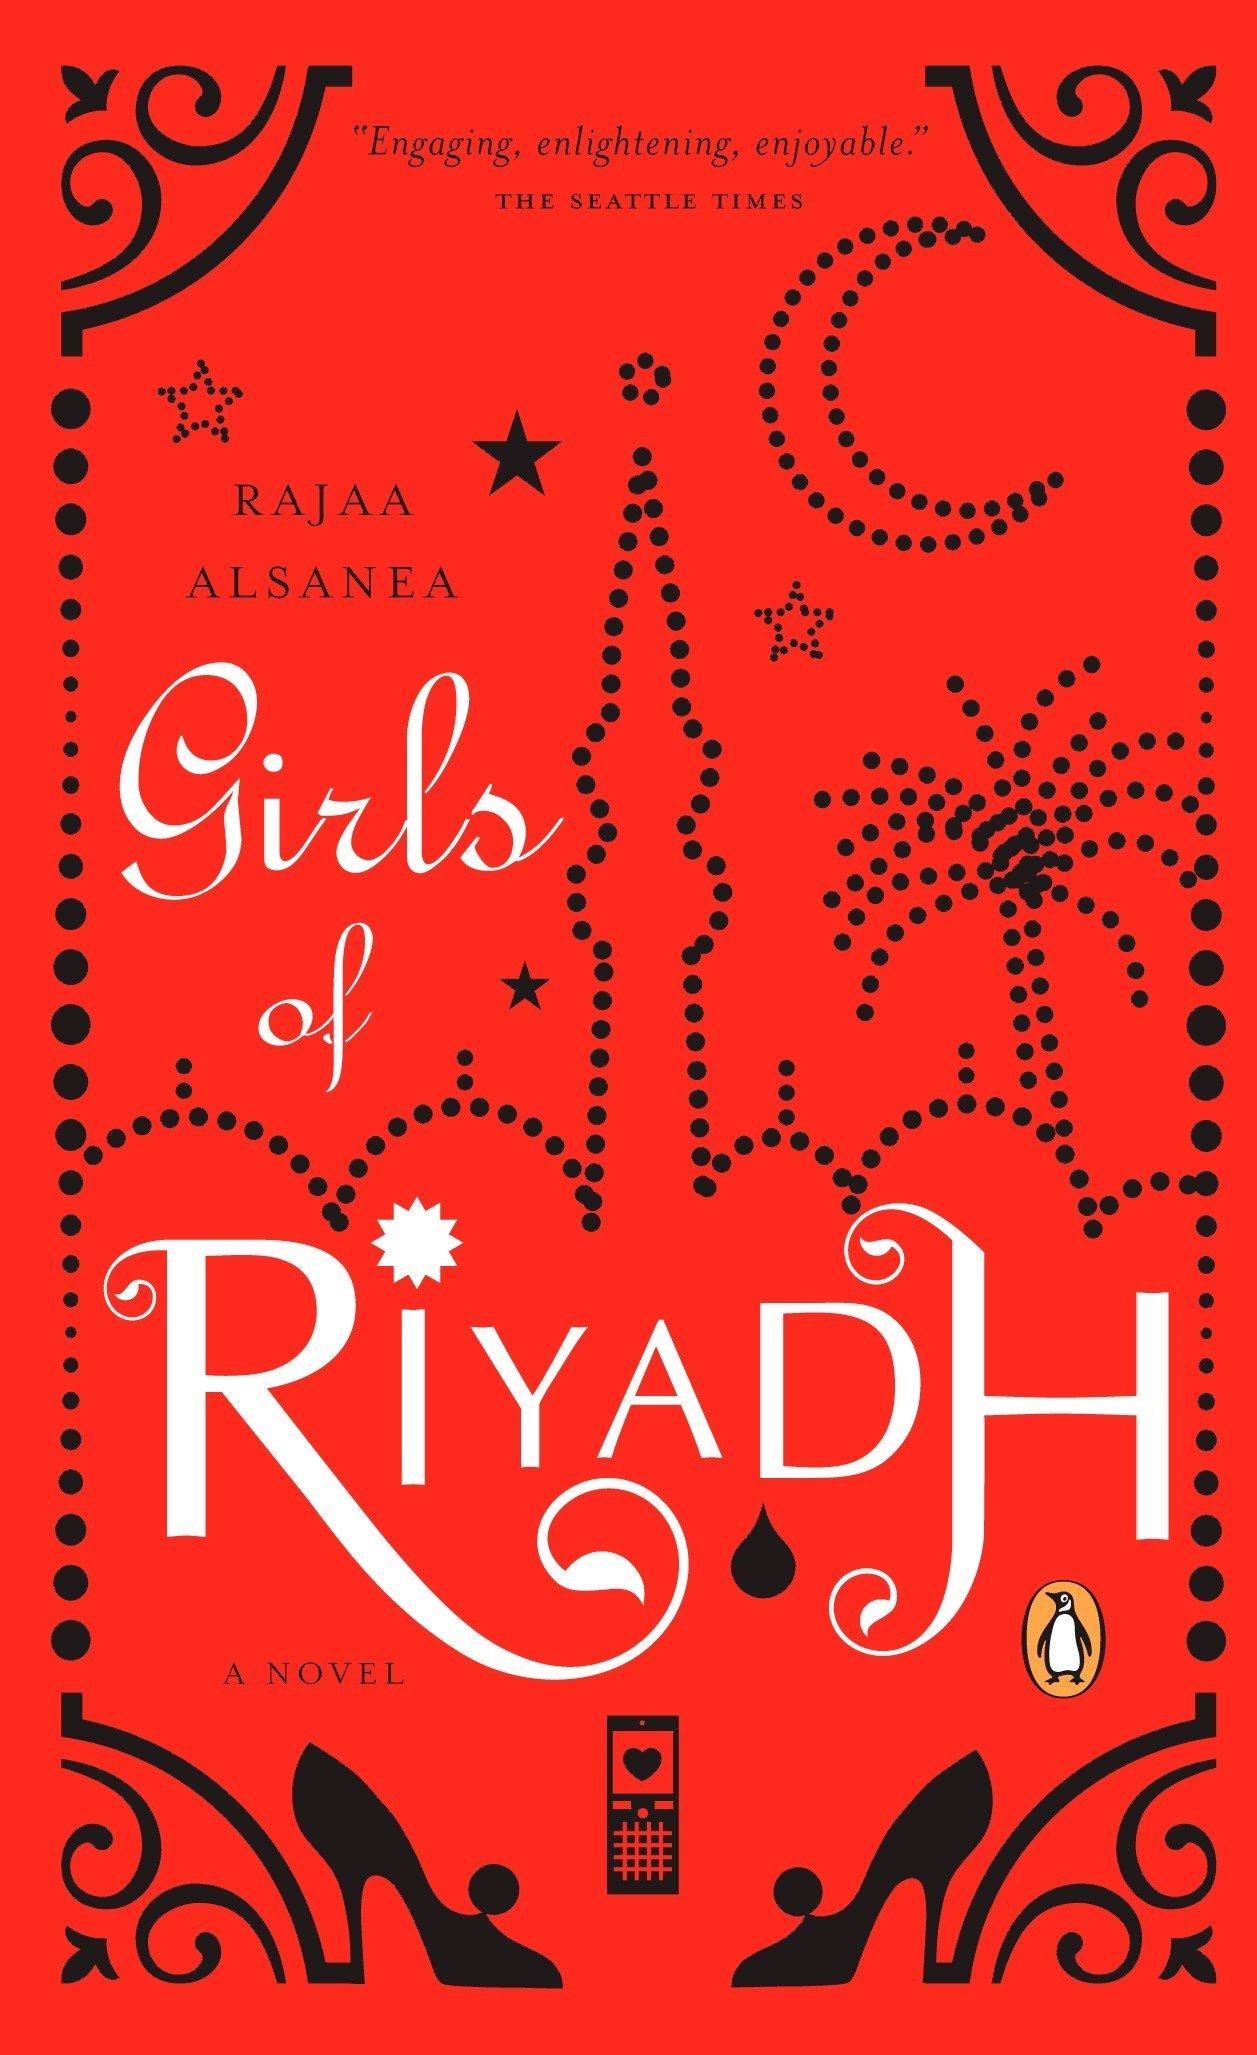 Call girls in riyadh